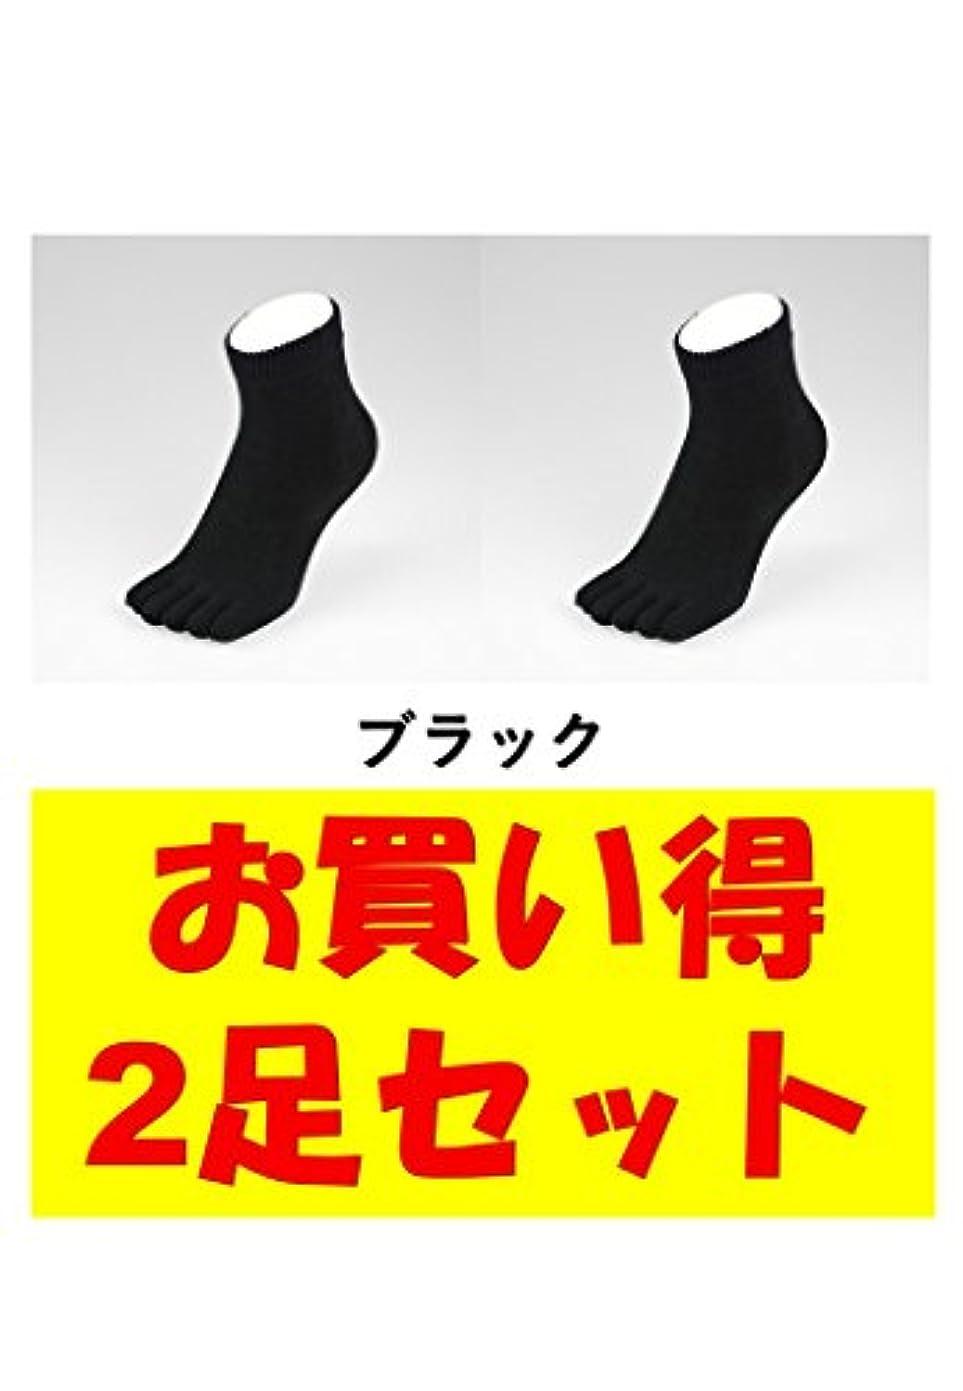 吐く襲撃登場お買い得2足セット 5本指 ゆびのばソックス Neo EVE(イヴ) ブラック iサイズ(23.5cm - 25.5cm) YSNEVE-BLK